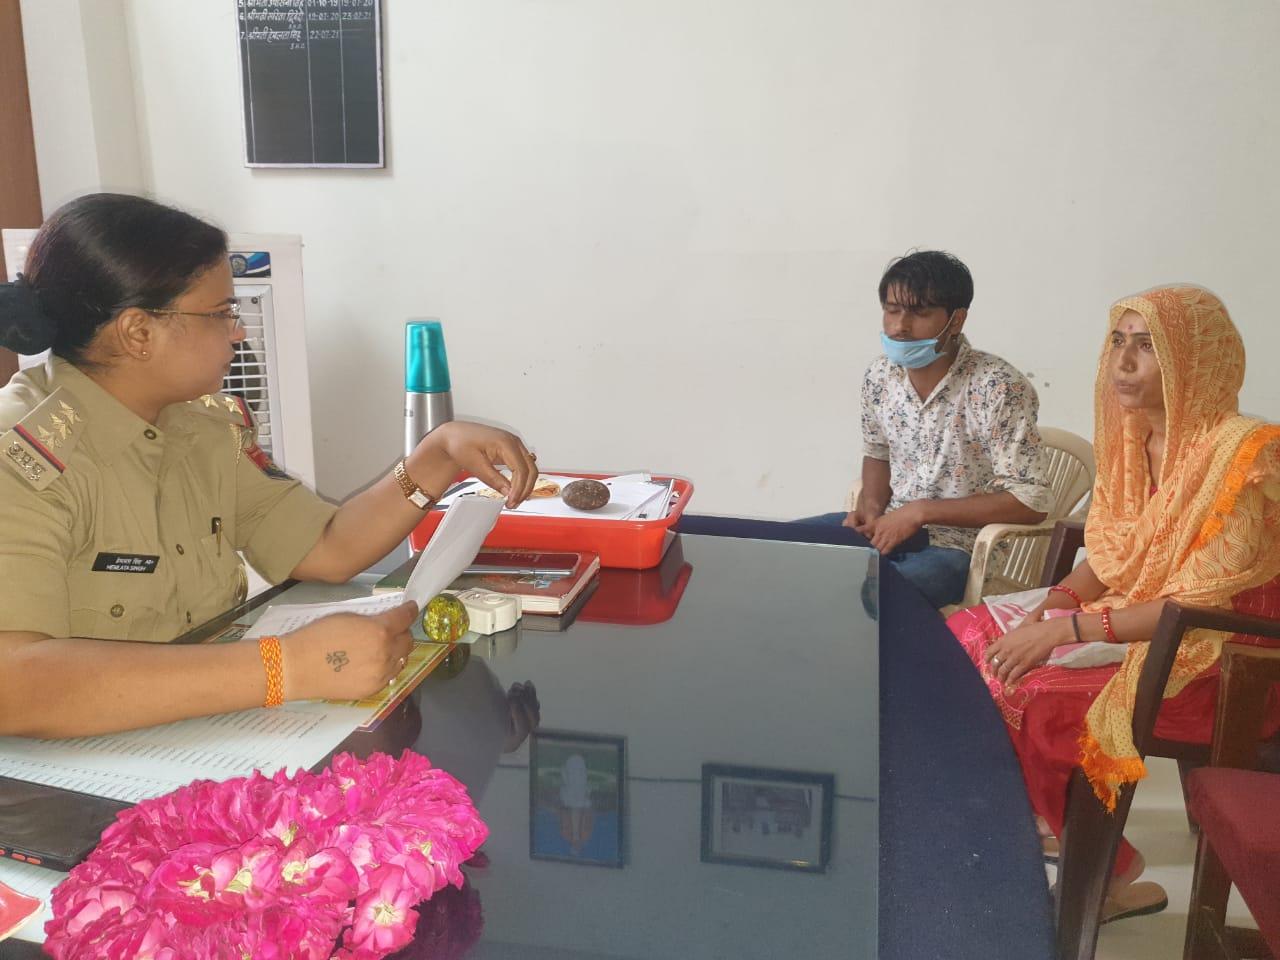 22 जुलाई को महिला थाना प्रभारी का चार्ज संभालने वाली हेमलता सिंह इससे पहले श्री कृष्ण जन्मस्थान की सुरक्षा व्यवस्था में तैनात थीं। - Dainik Bhaskar